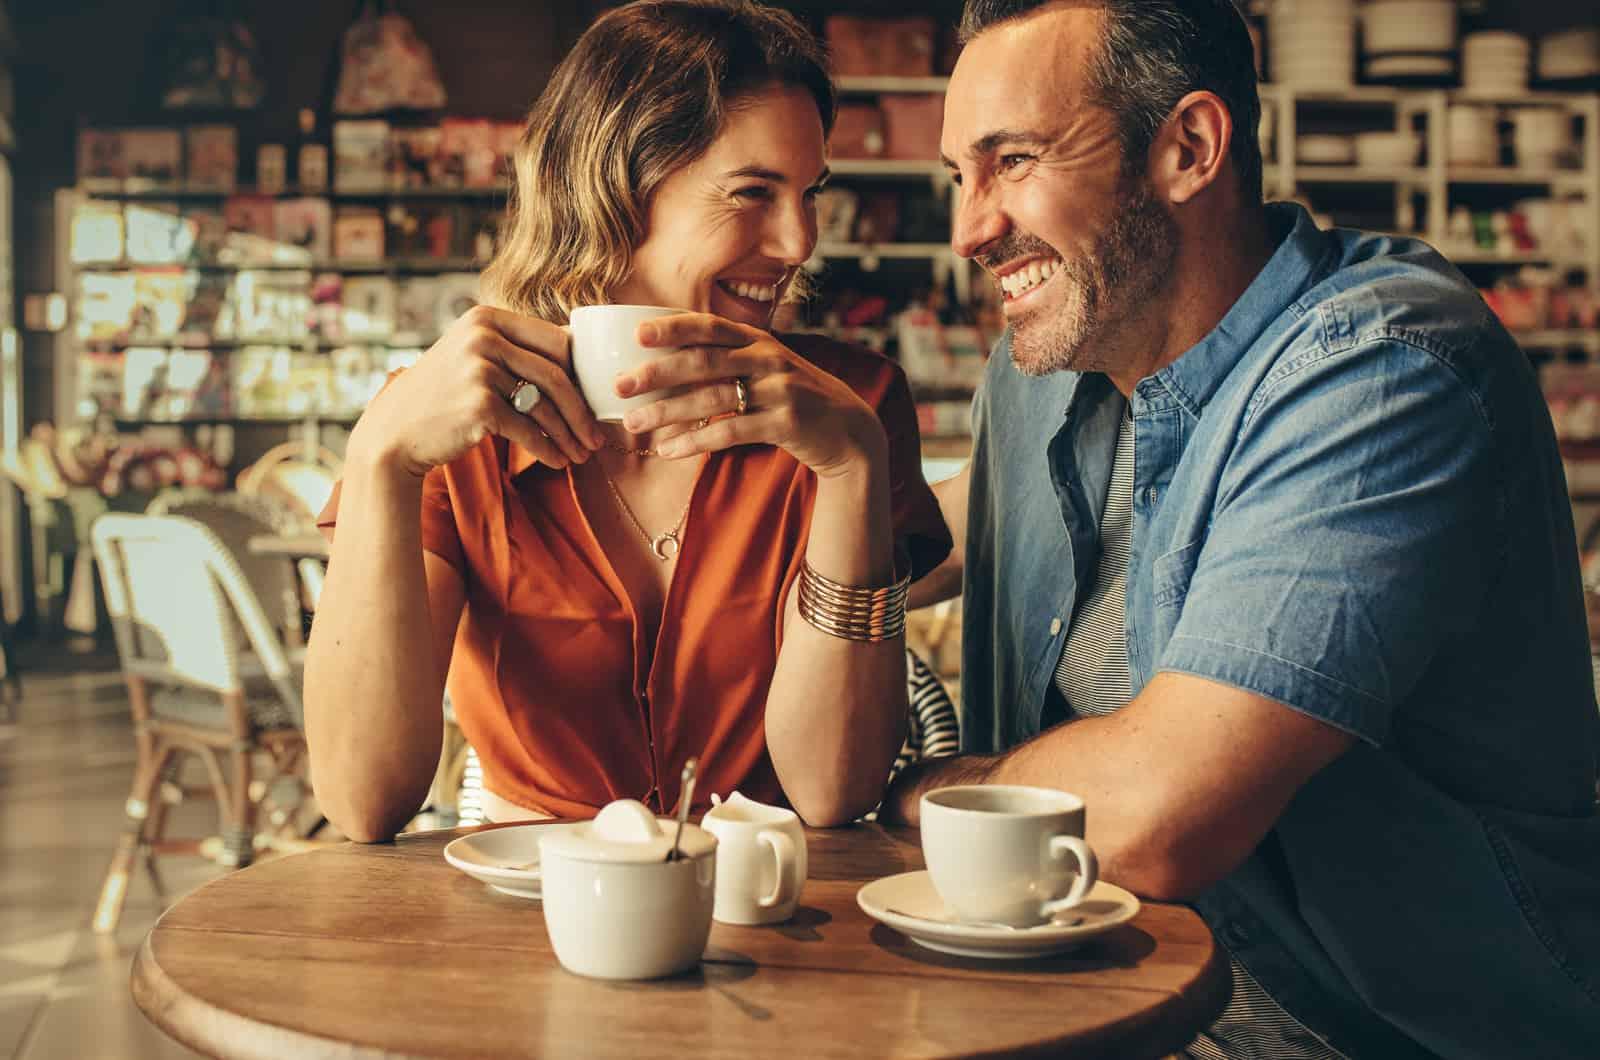 Paar trinkt zusammen Kaffee in einem Café